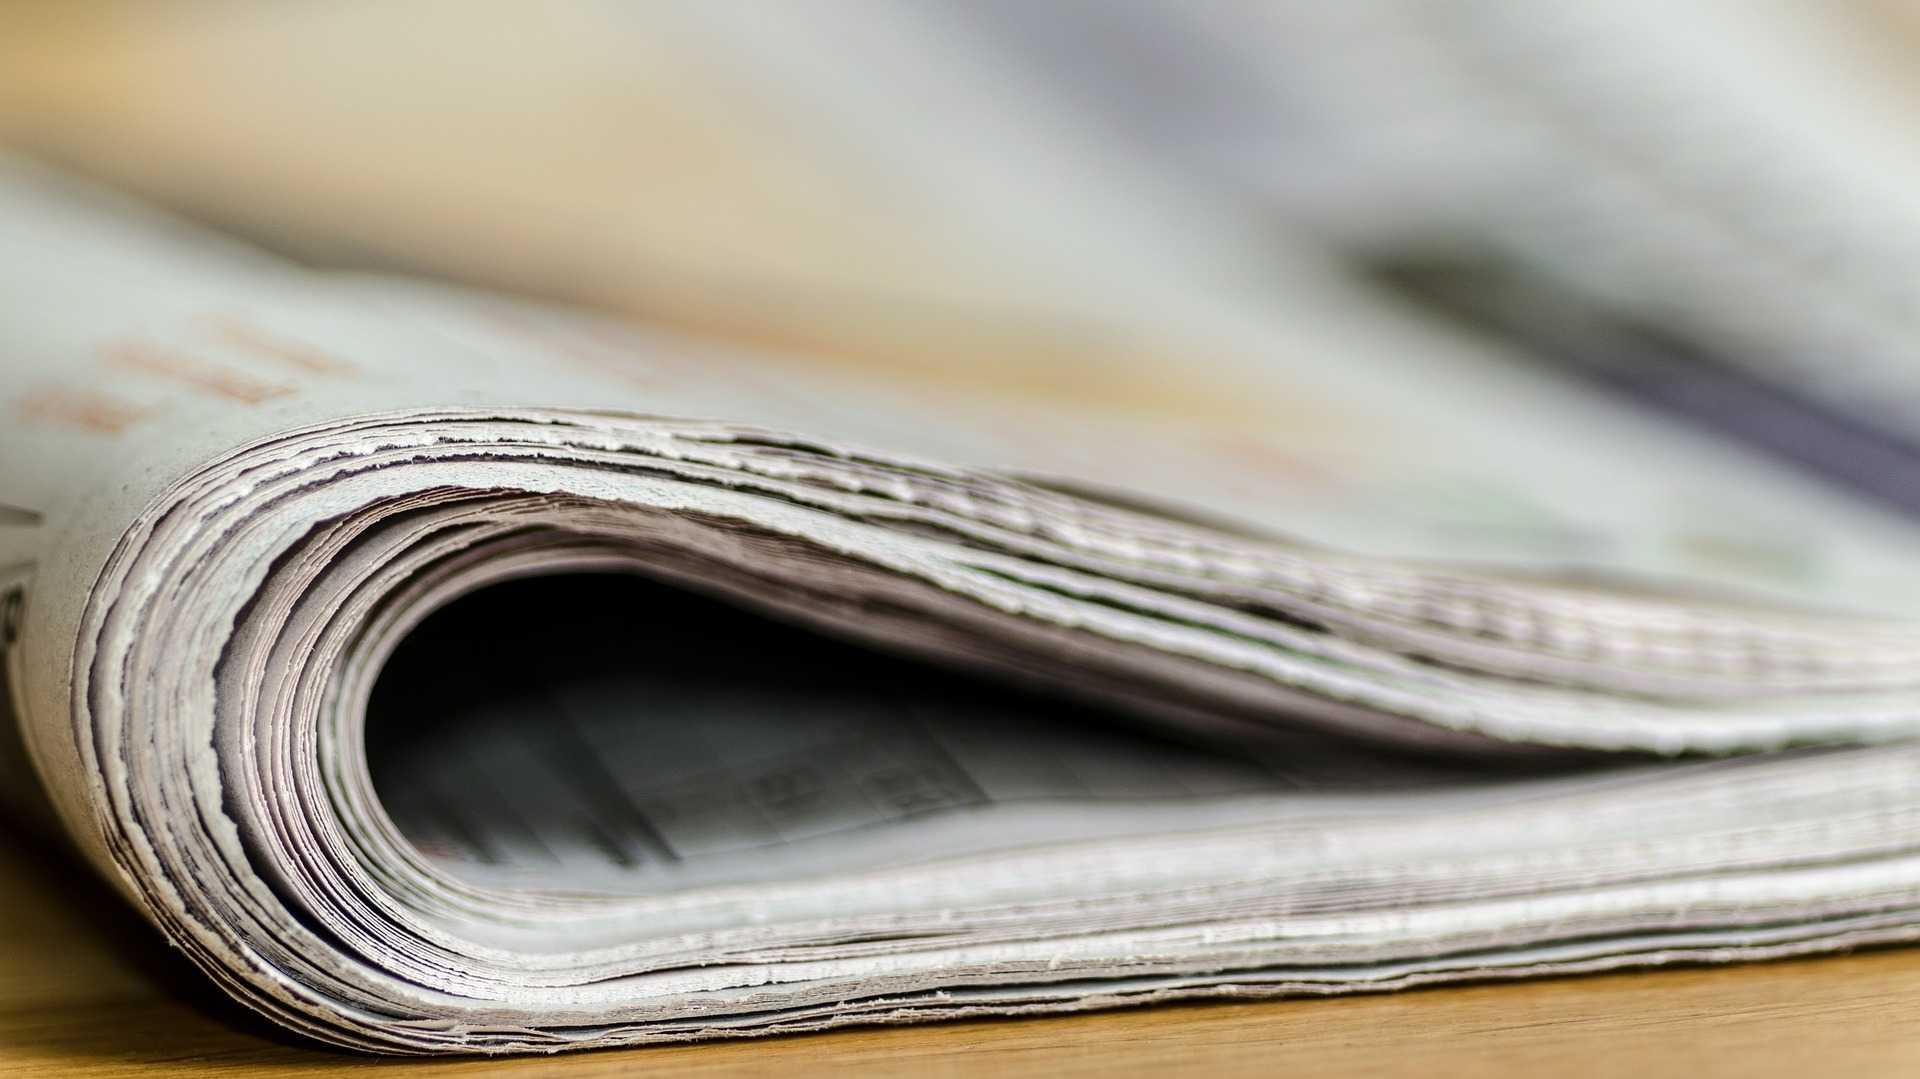 Zeitungen in Thüringen: Bald nur noch digital statt gedruckt?